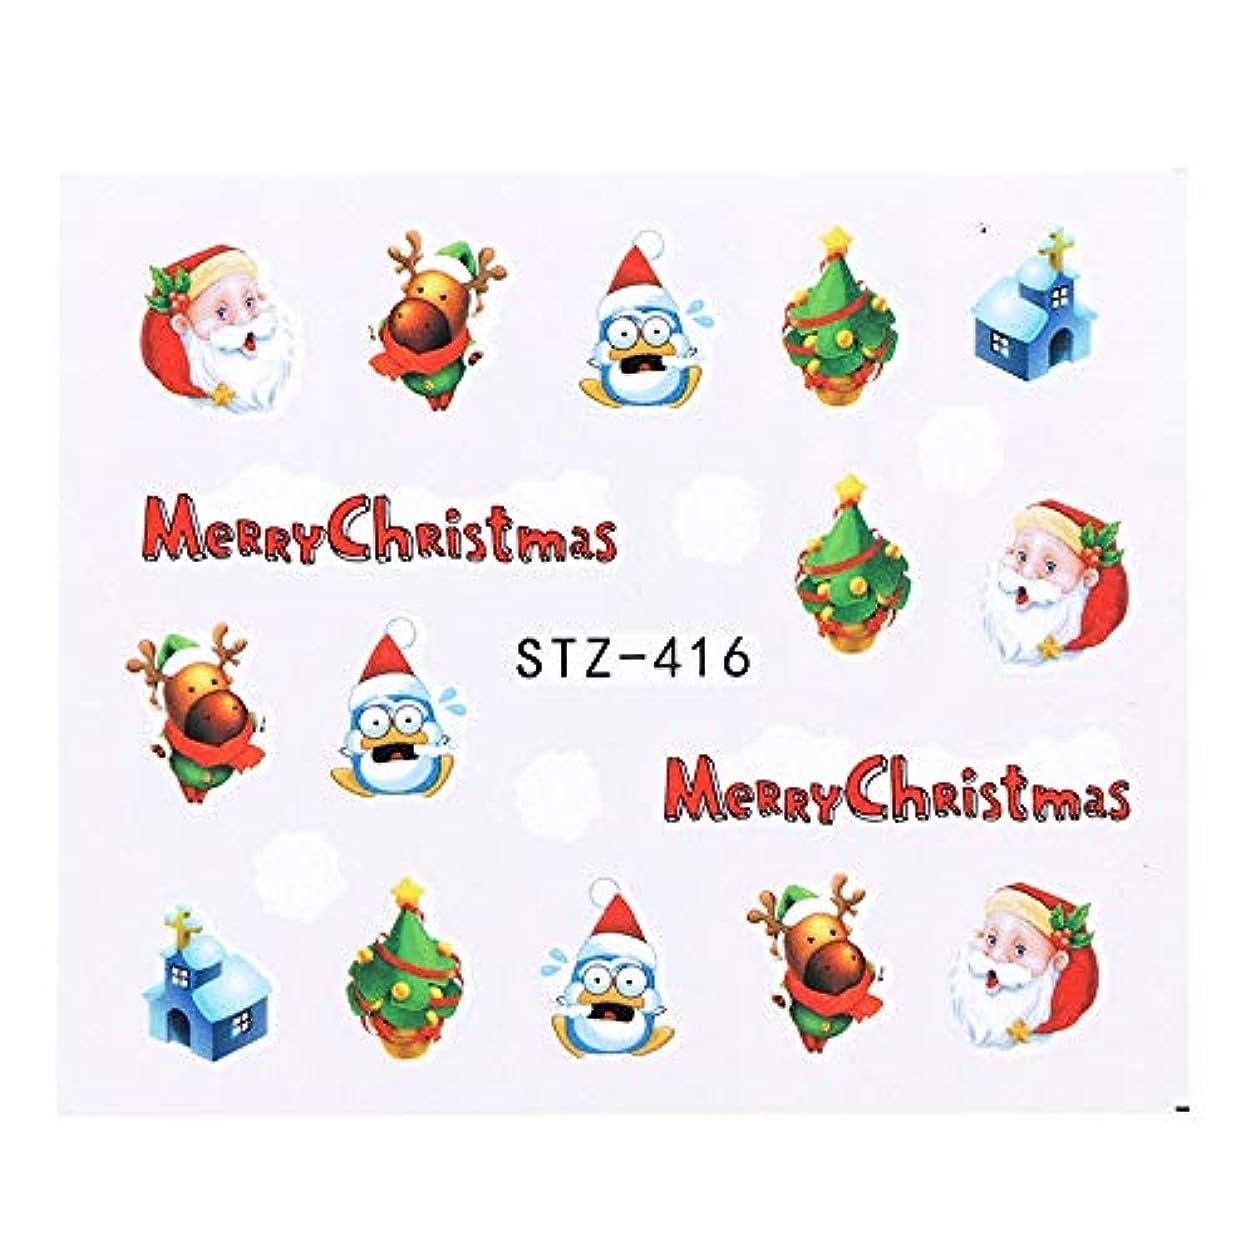 タイヤ高音志す1シートクリスマスネイルアートウォーターステッカー漫画ヘラジカ雪だるまフルカバースライダーのヒントポーランドゲルジェルネイル装飾SASTZ405-438 STZ416